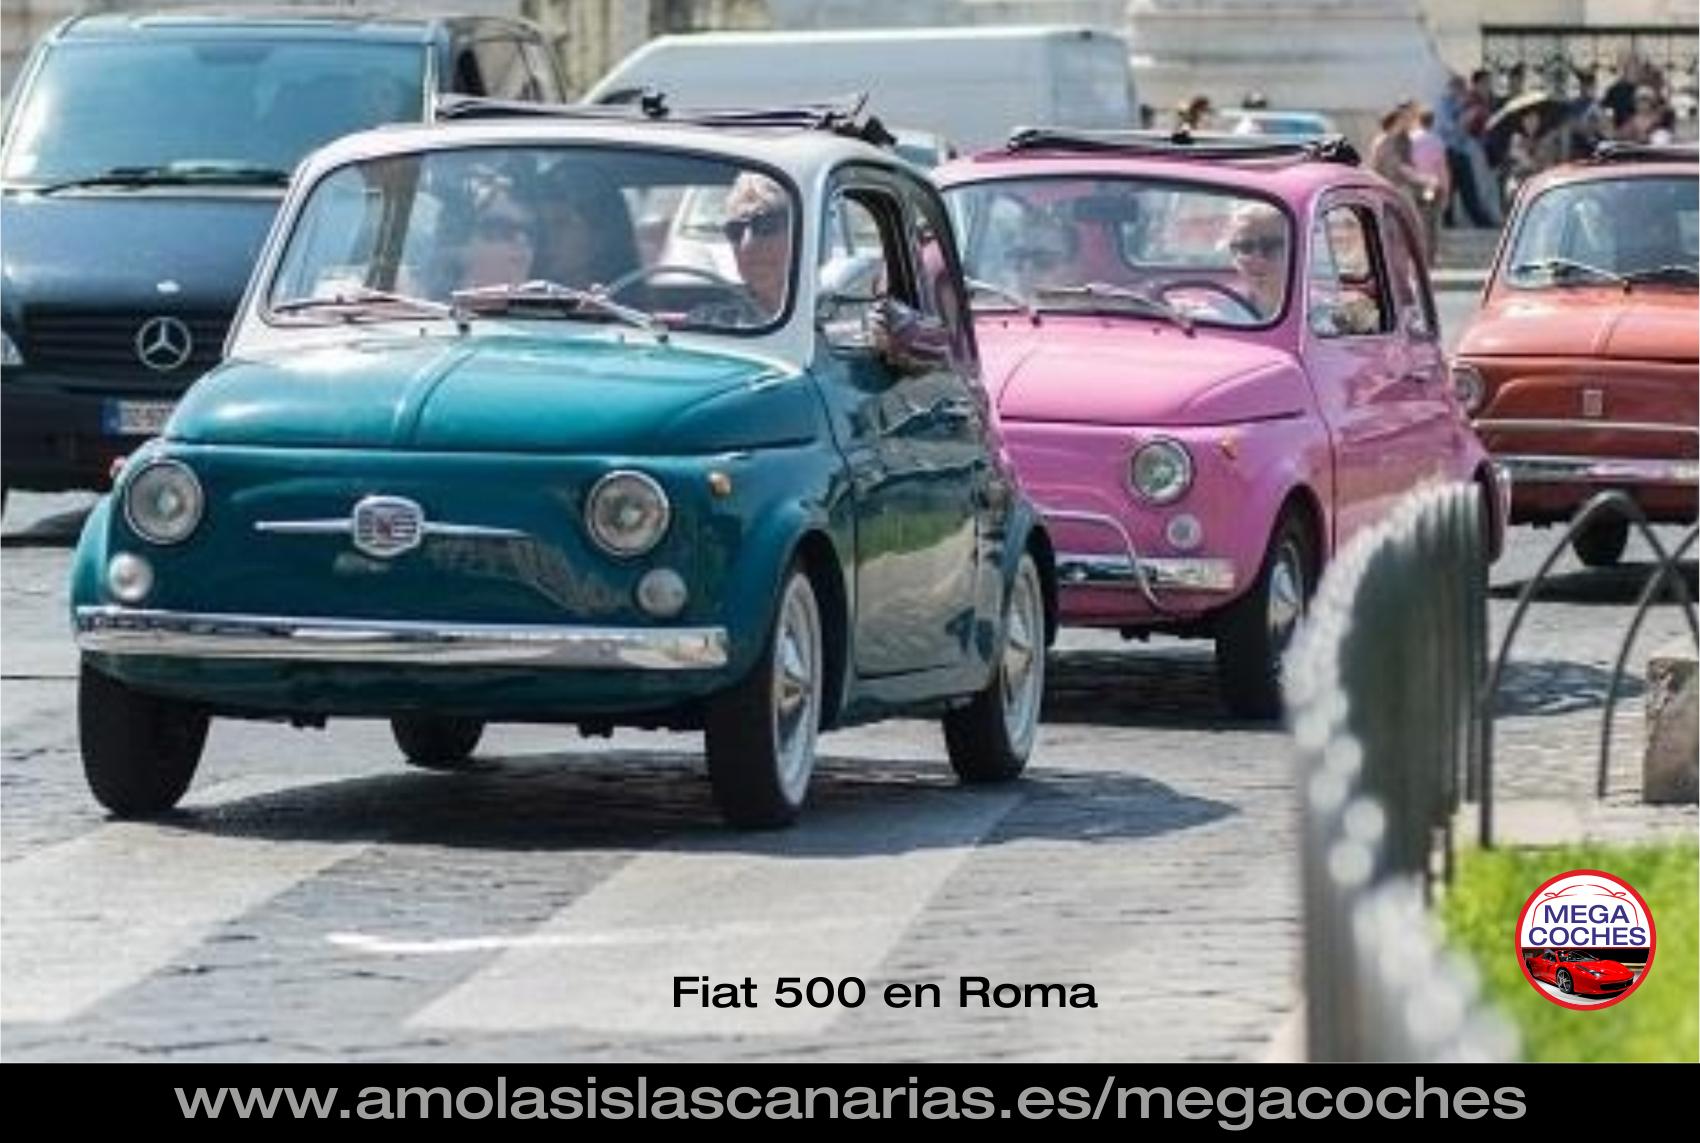 Fiat 500 en Roma desfile foto coche antiguo deportivo y de lujo mas caros del mundo vips Tenerife Islas Canarias